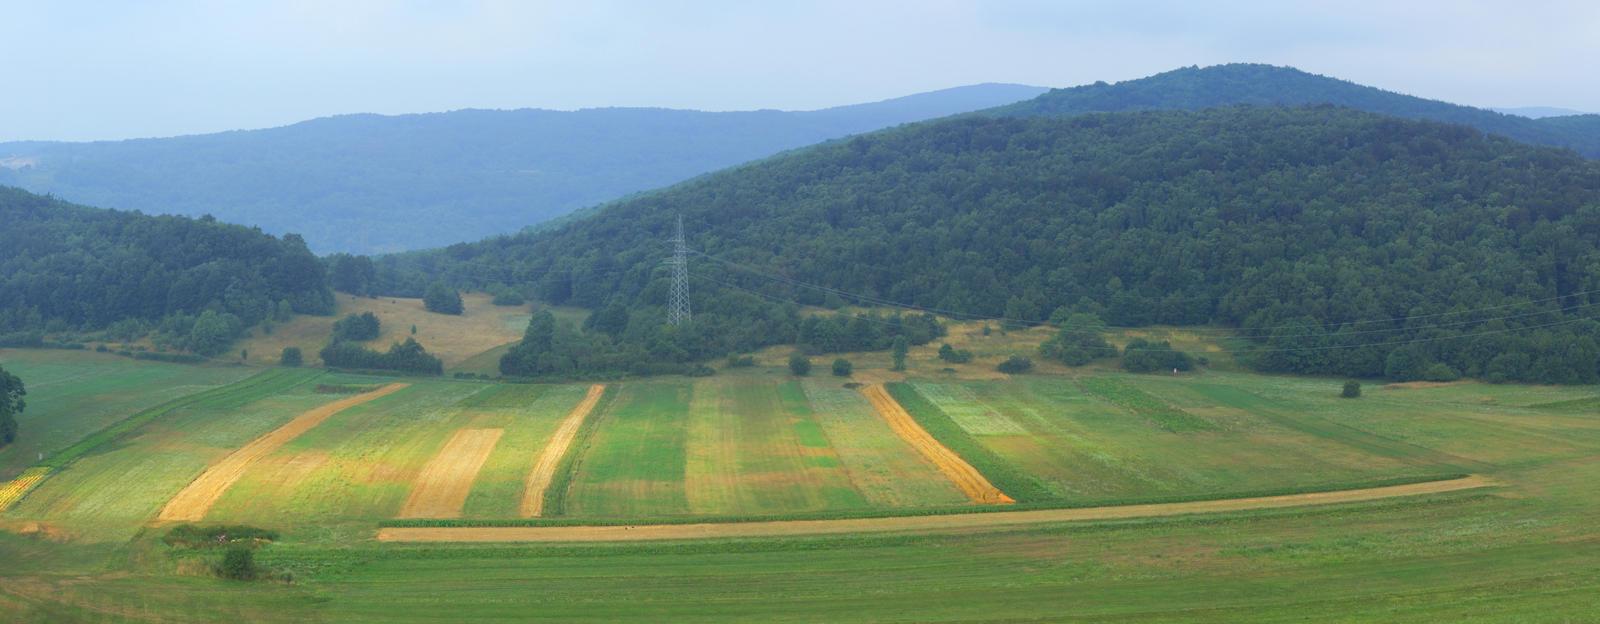 Croatian landscape by luka567